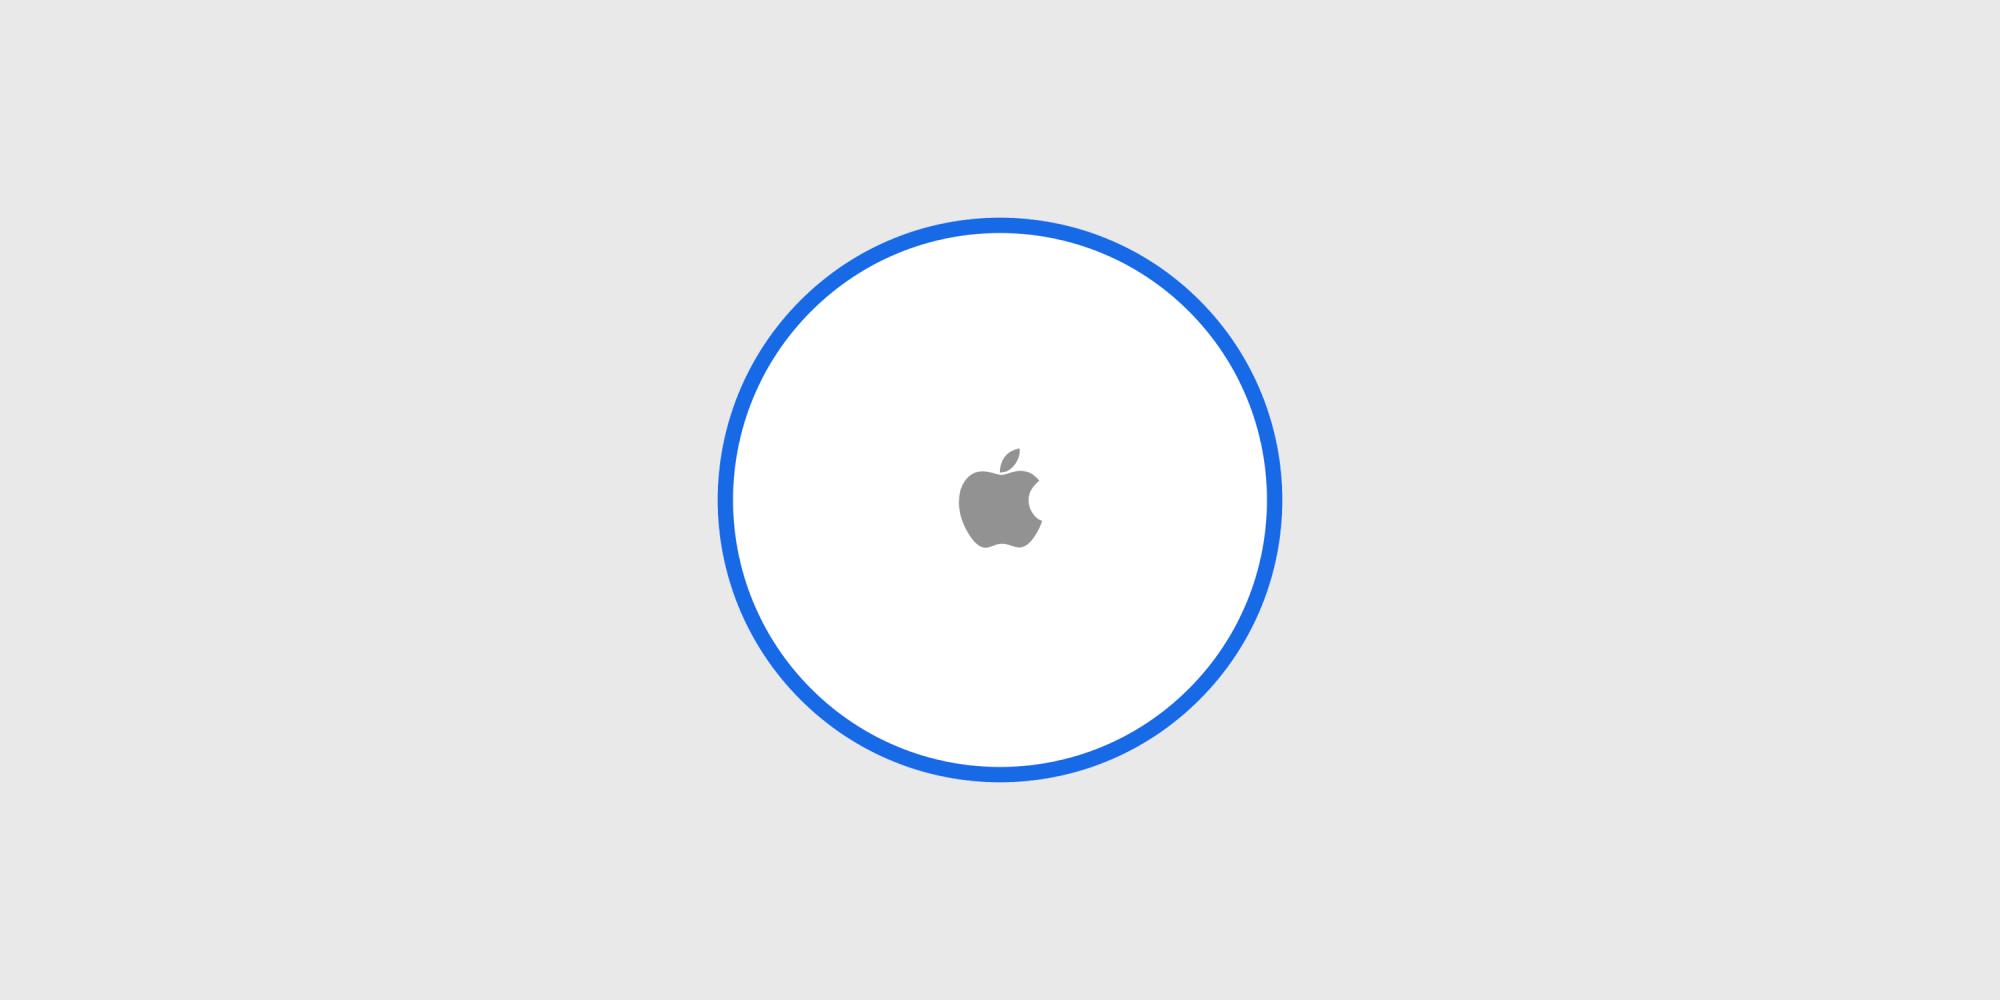 蘋果藍牙追蹤器AirTags 預計2020第三季推出